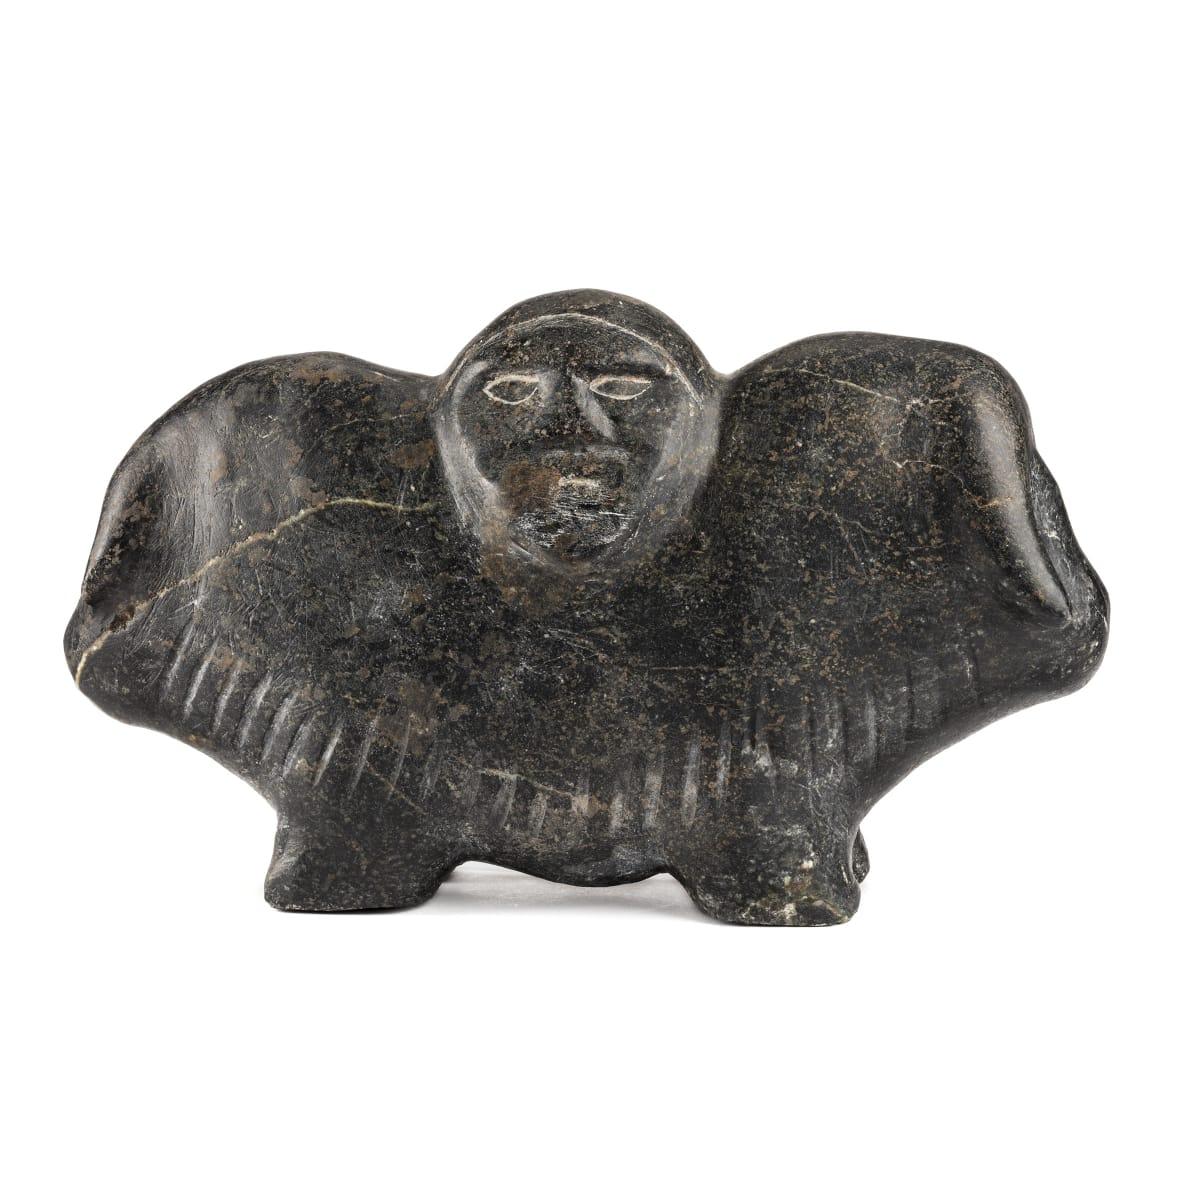 Barnabus Arnasungaaq (1924-2017) QAMANI'TUAQ (BAKER LAKE) Shaman and Two Muskoxen, c. 2000 REALIZED: $11,400